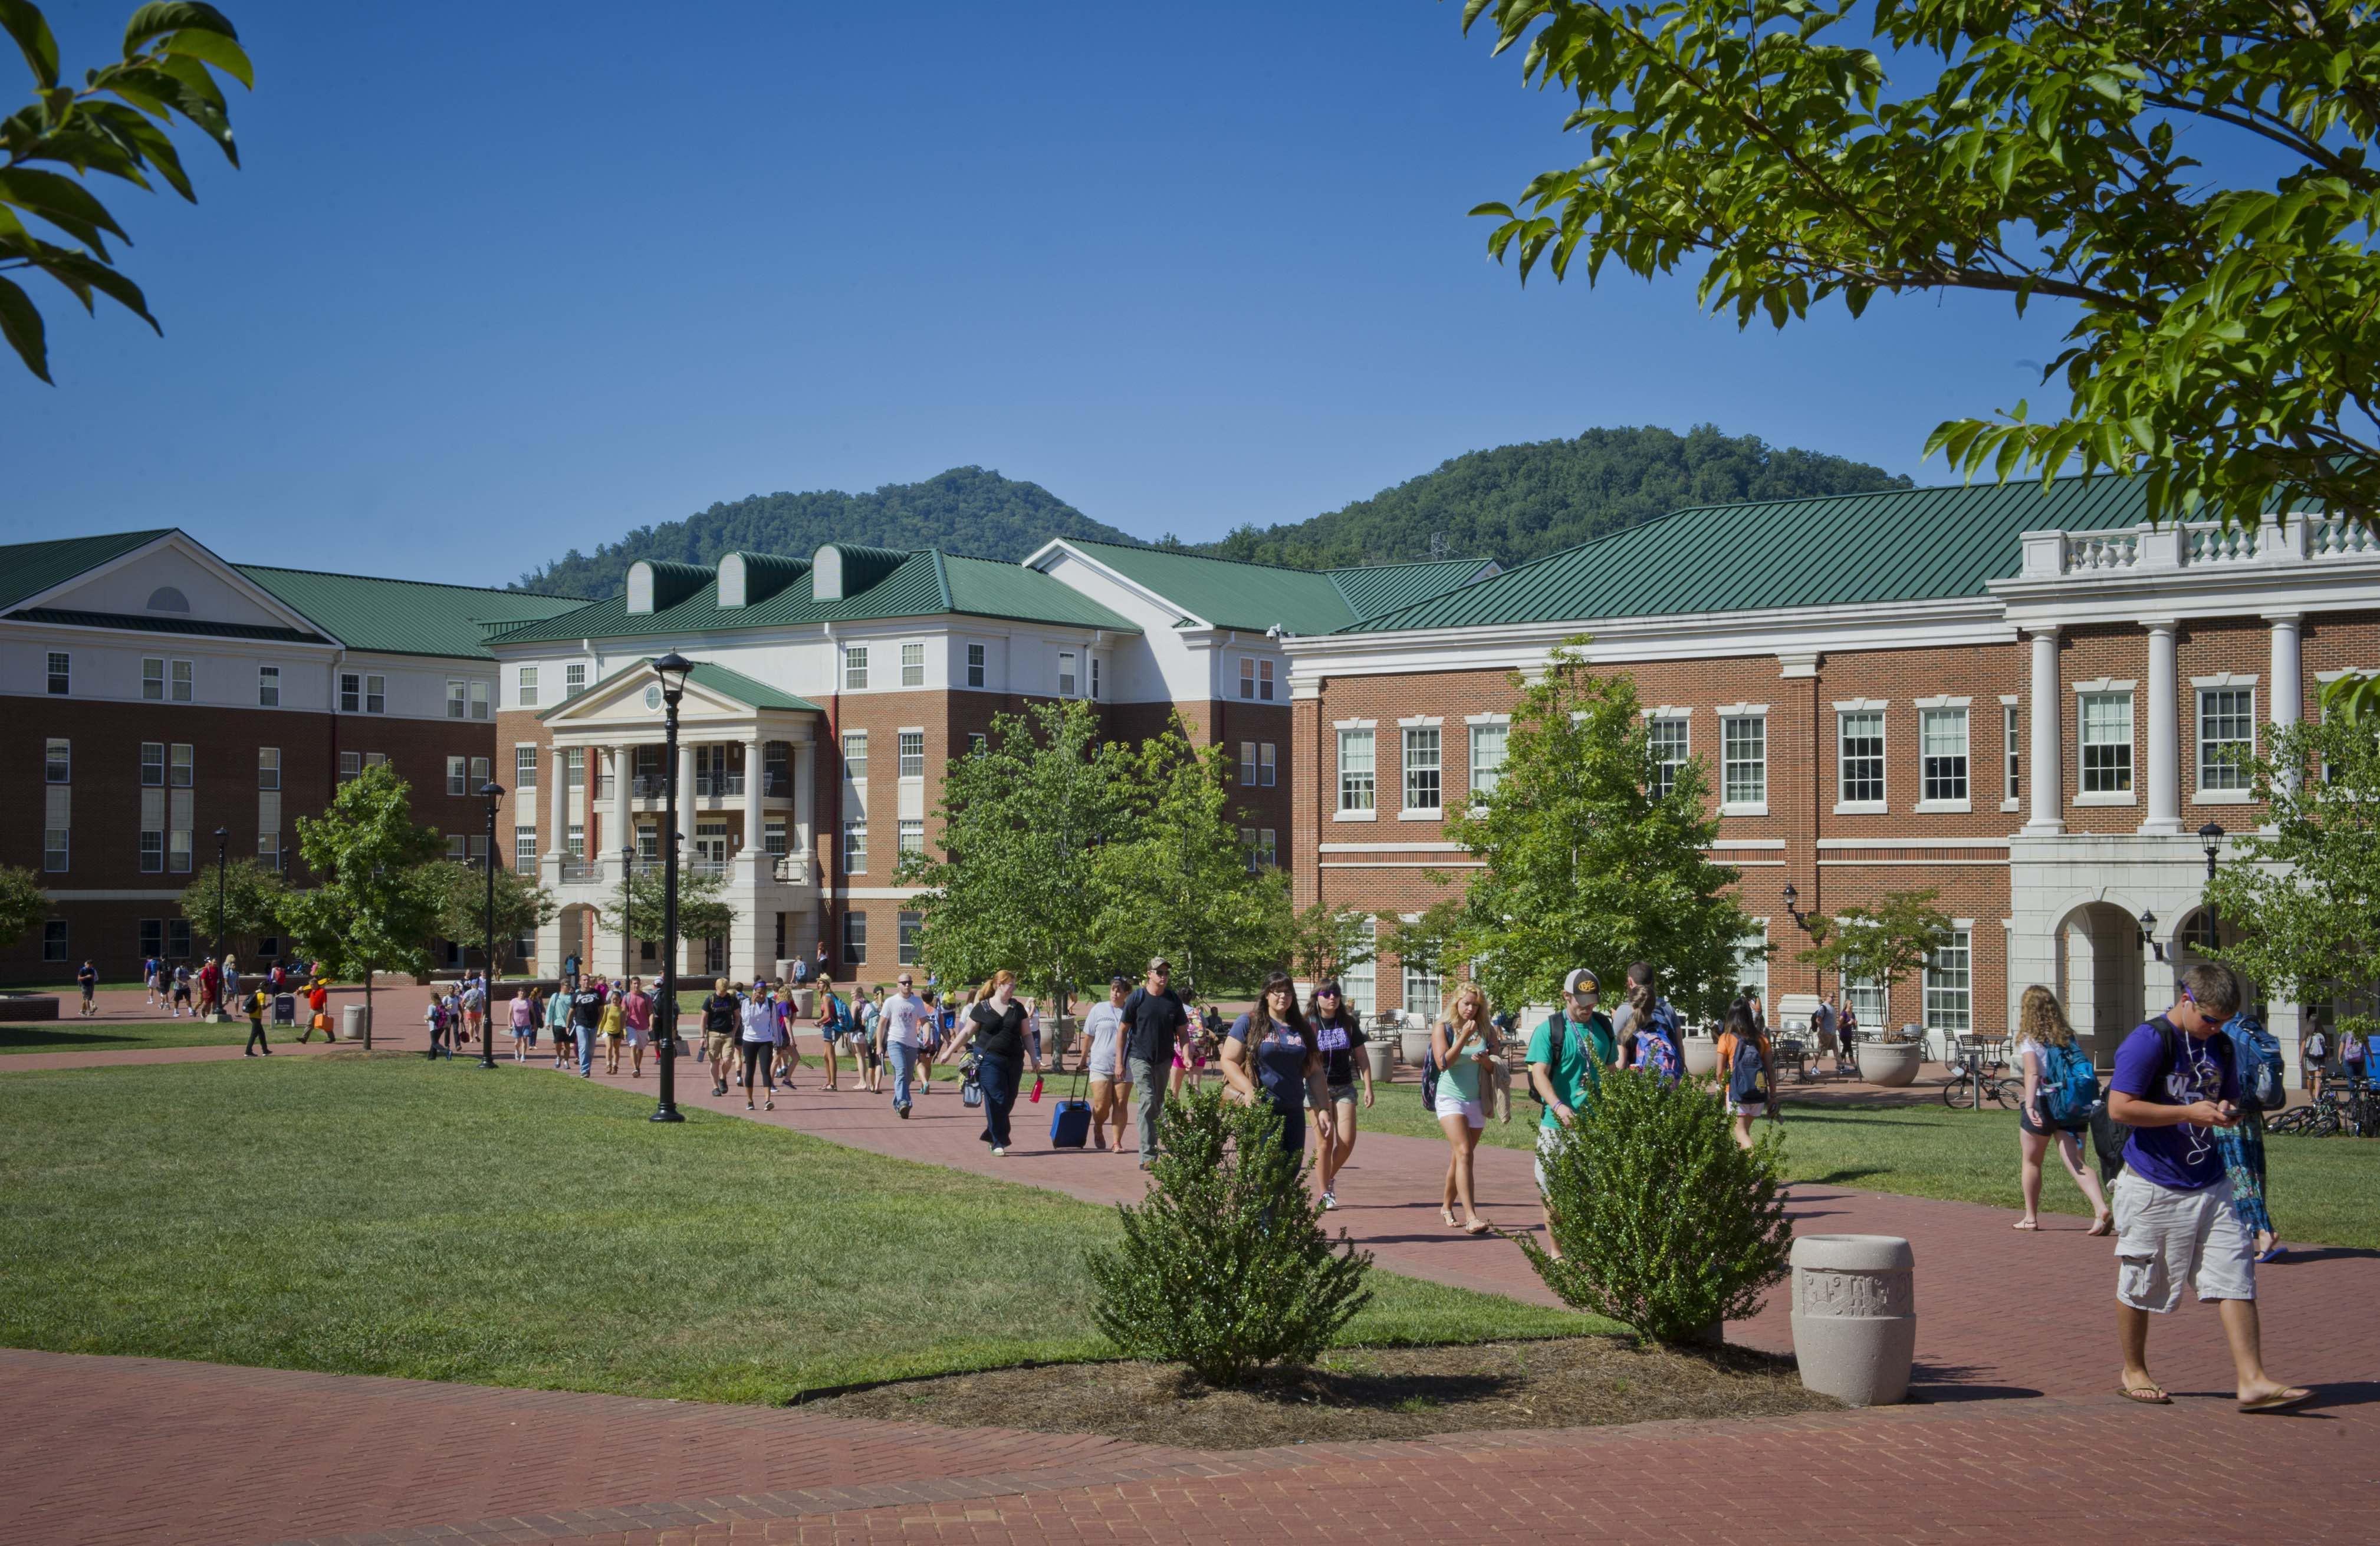 US university evacuates building due to 'hazardous materials incident'